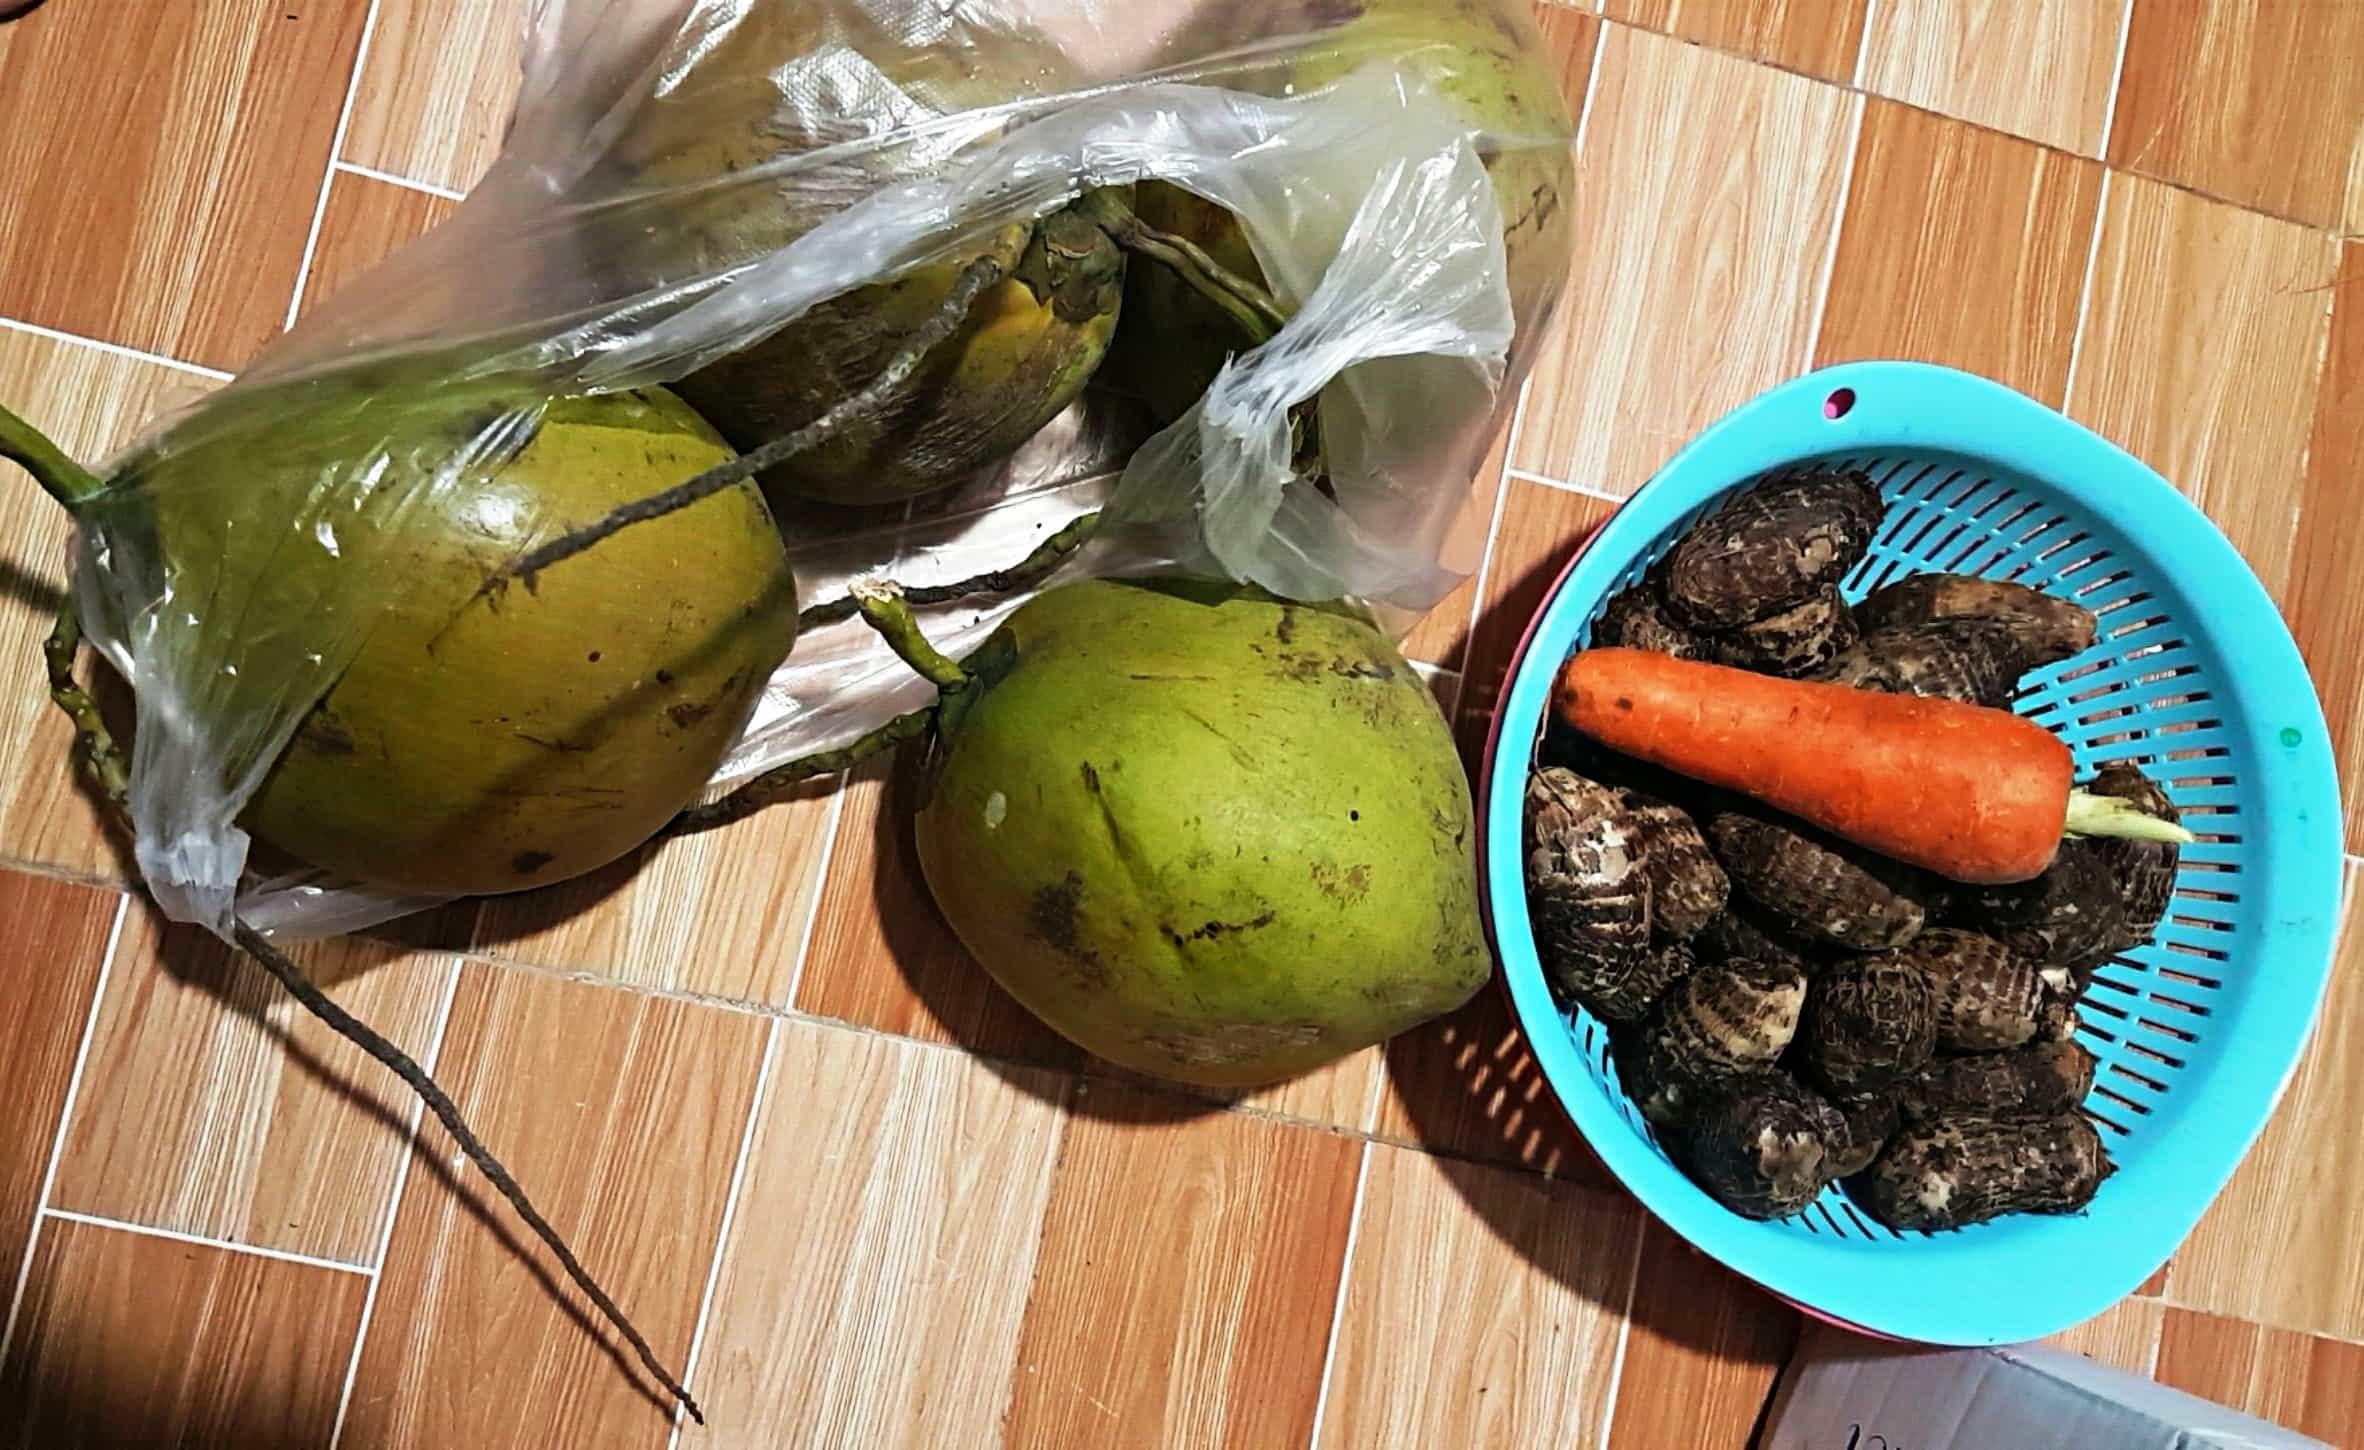 Khu phong tỏa ở Sài Gòn: Cả hẻm không một chậu hoa, nhà chỉ có trái dừa trưng Tết